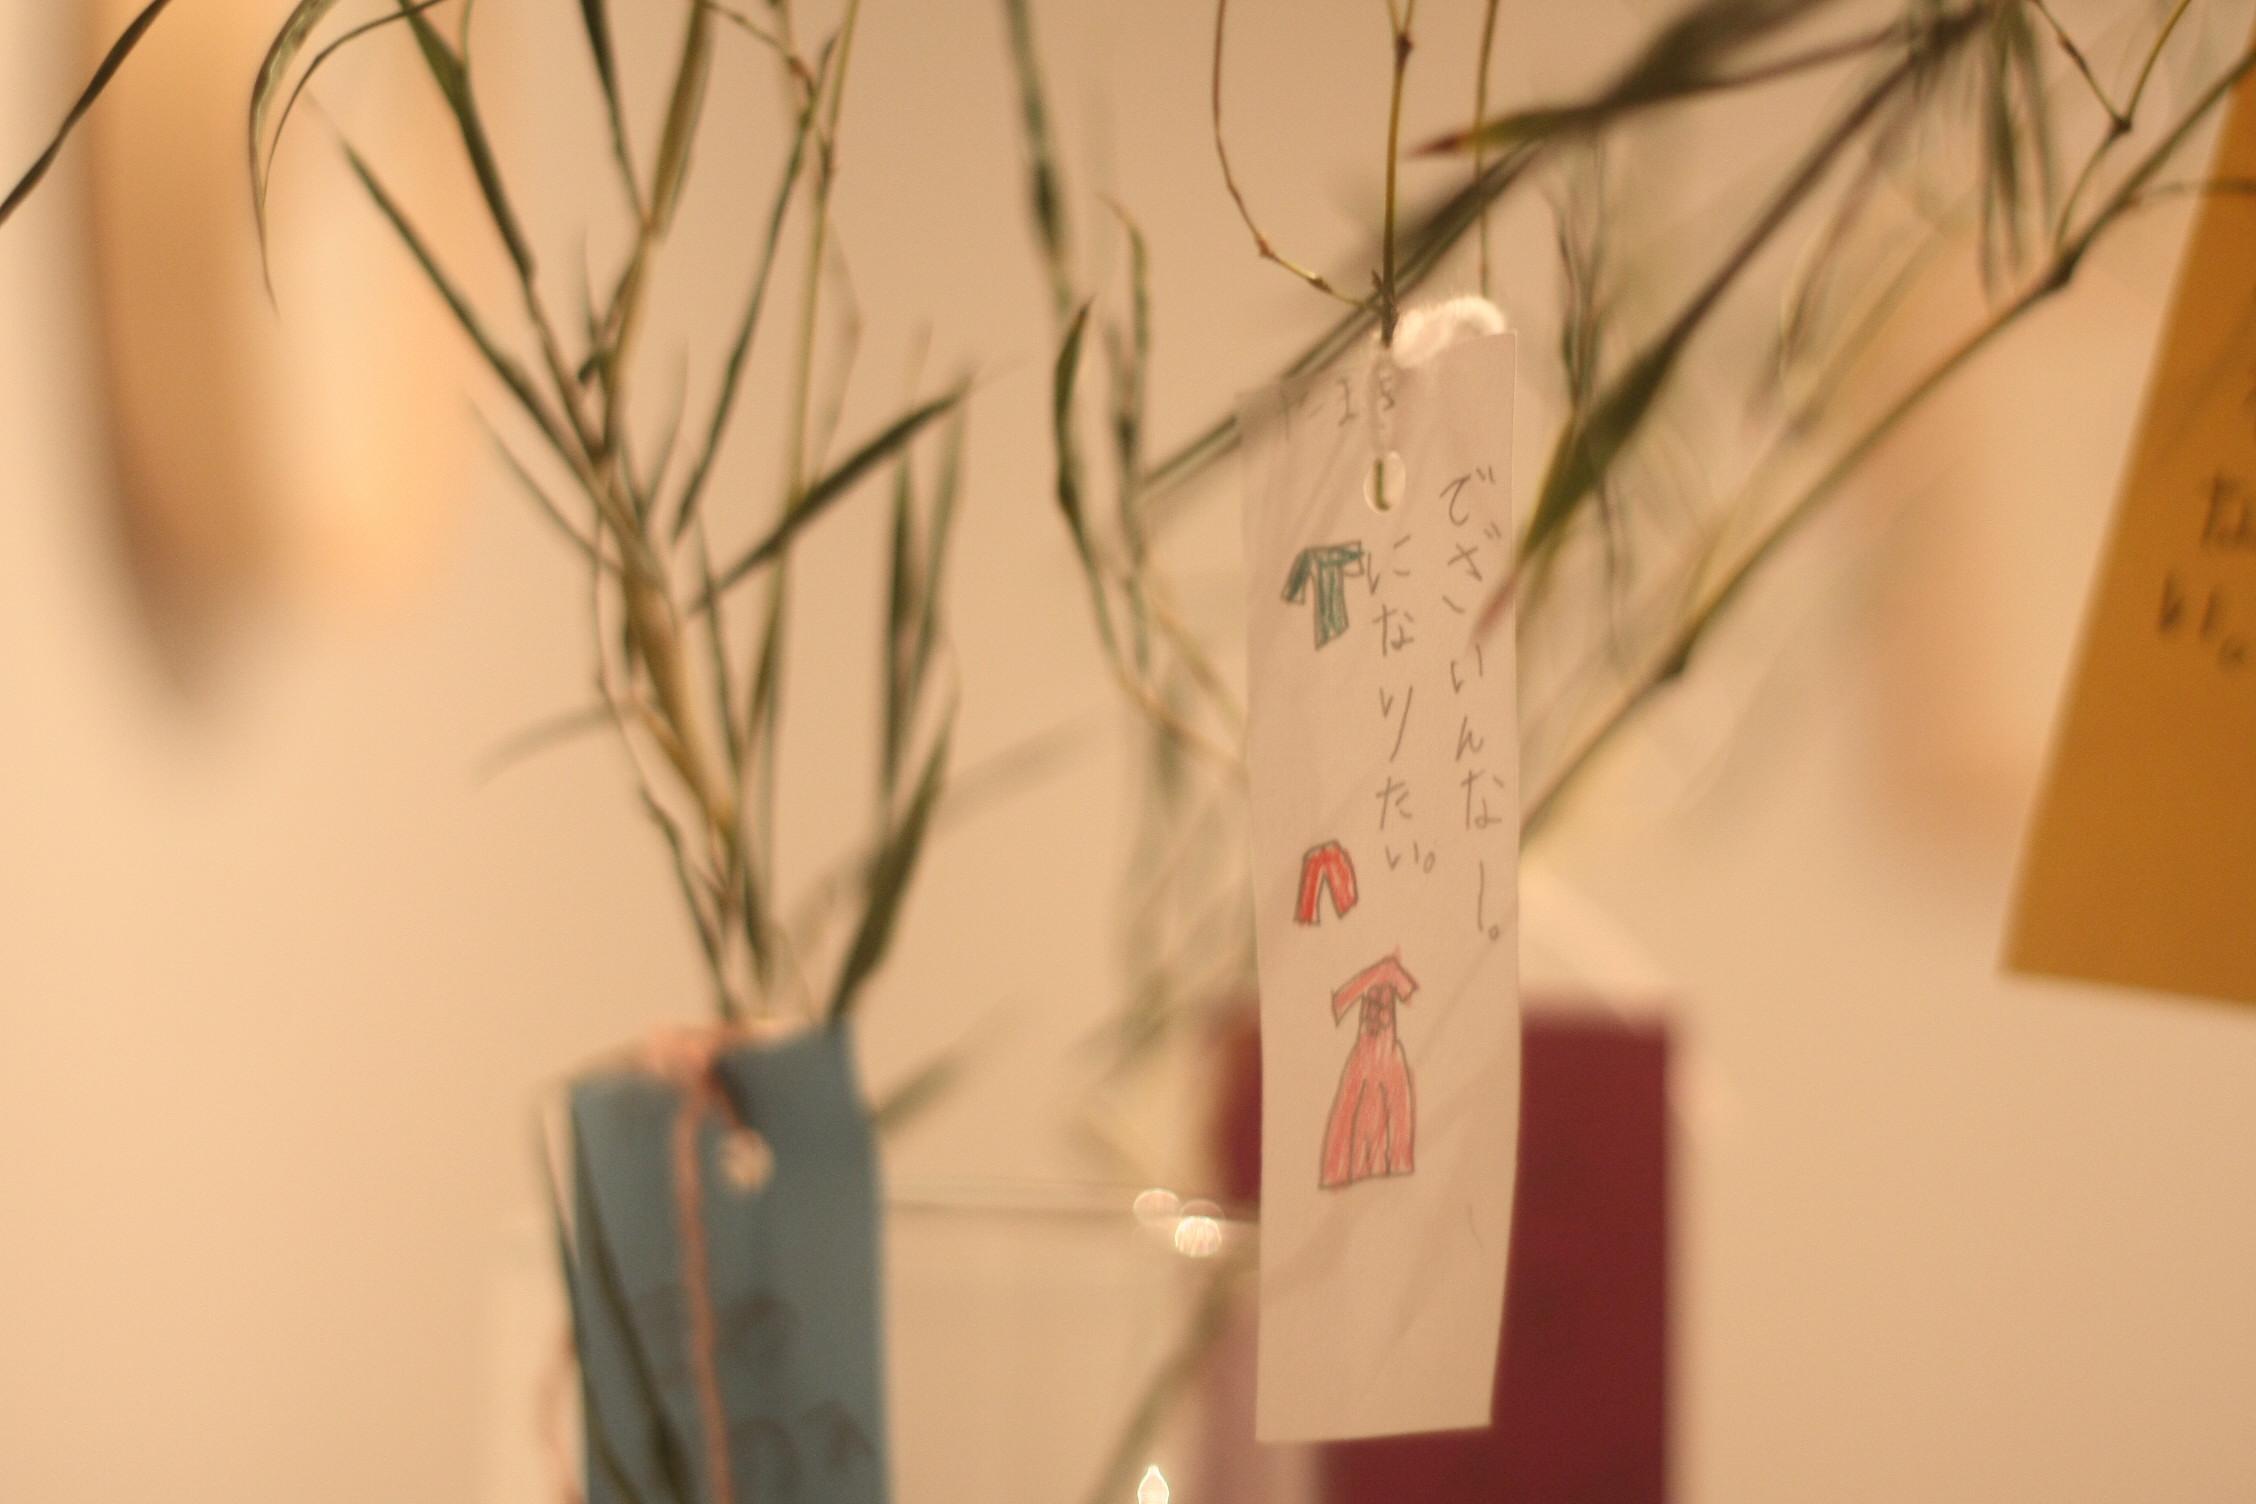 七夕のときに笹を花瓶に入れて願い事を書く